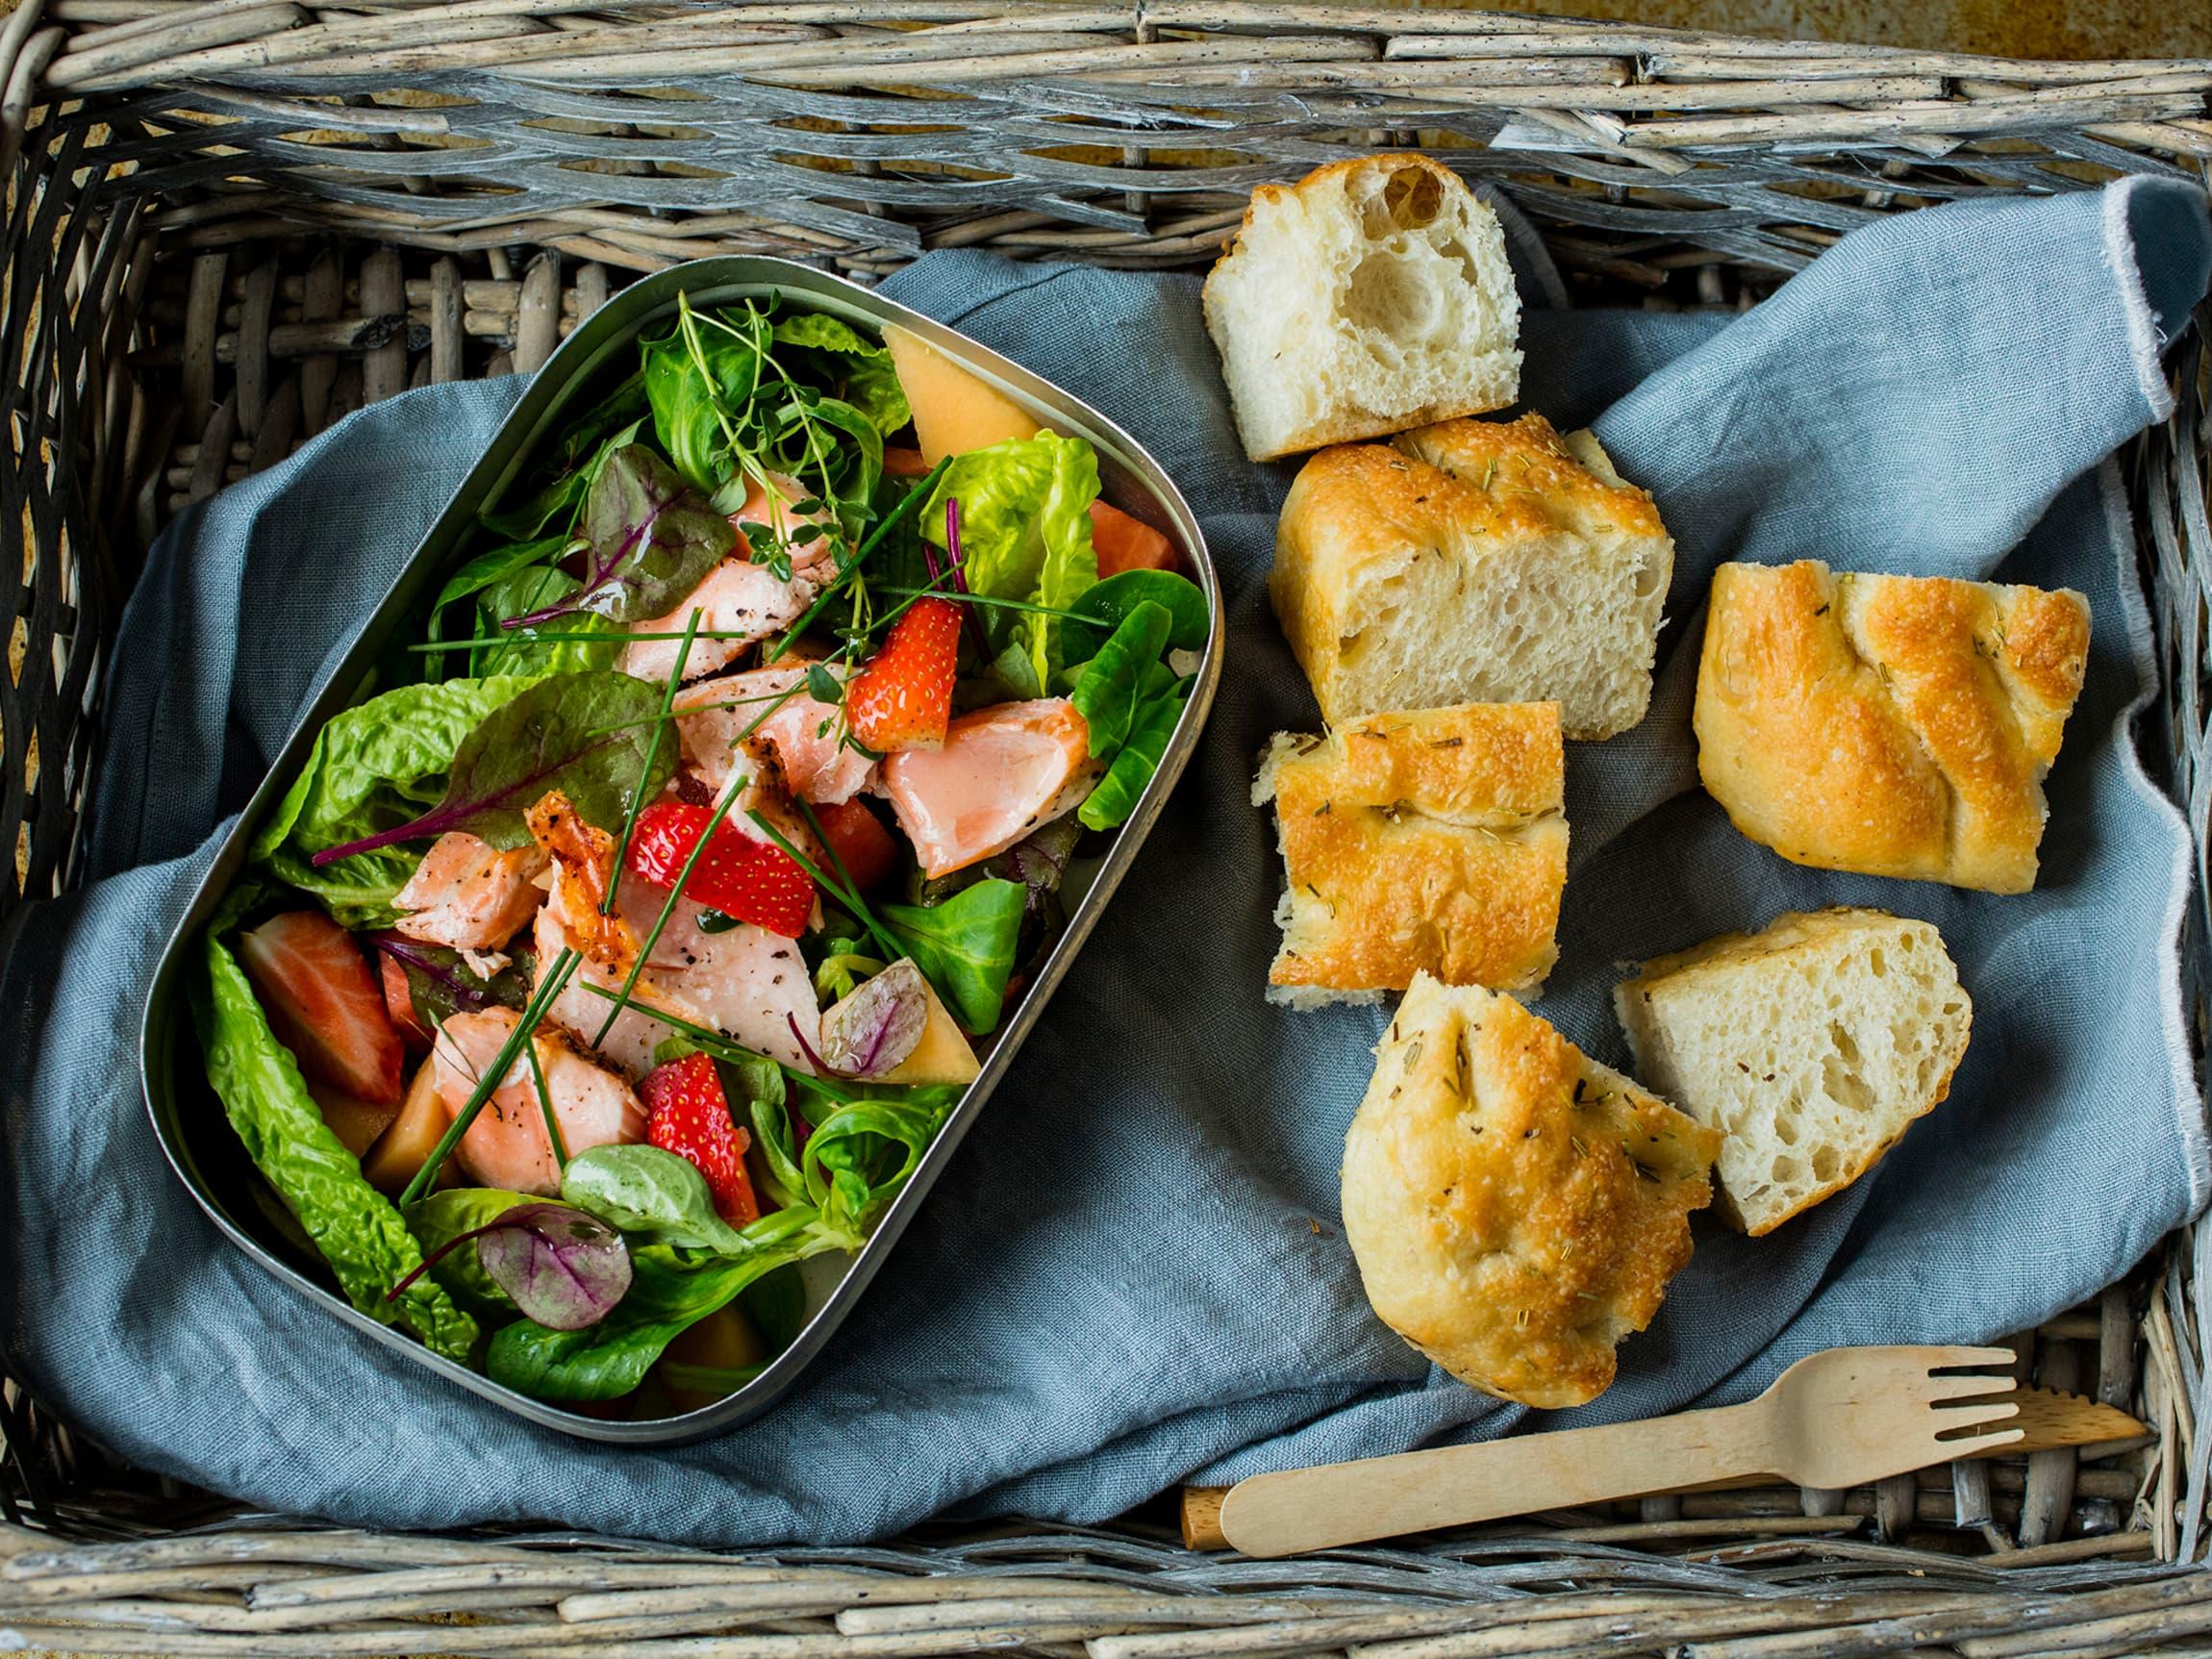 en liten focaccia passer godt som tilbehør til salaten.